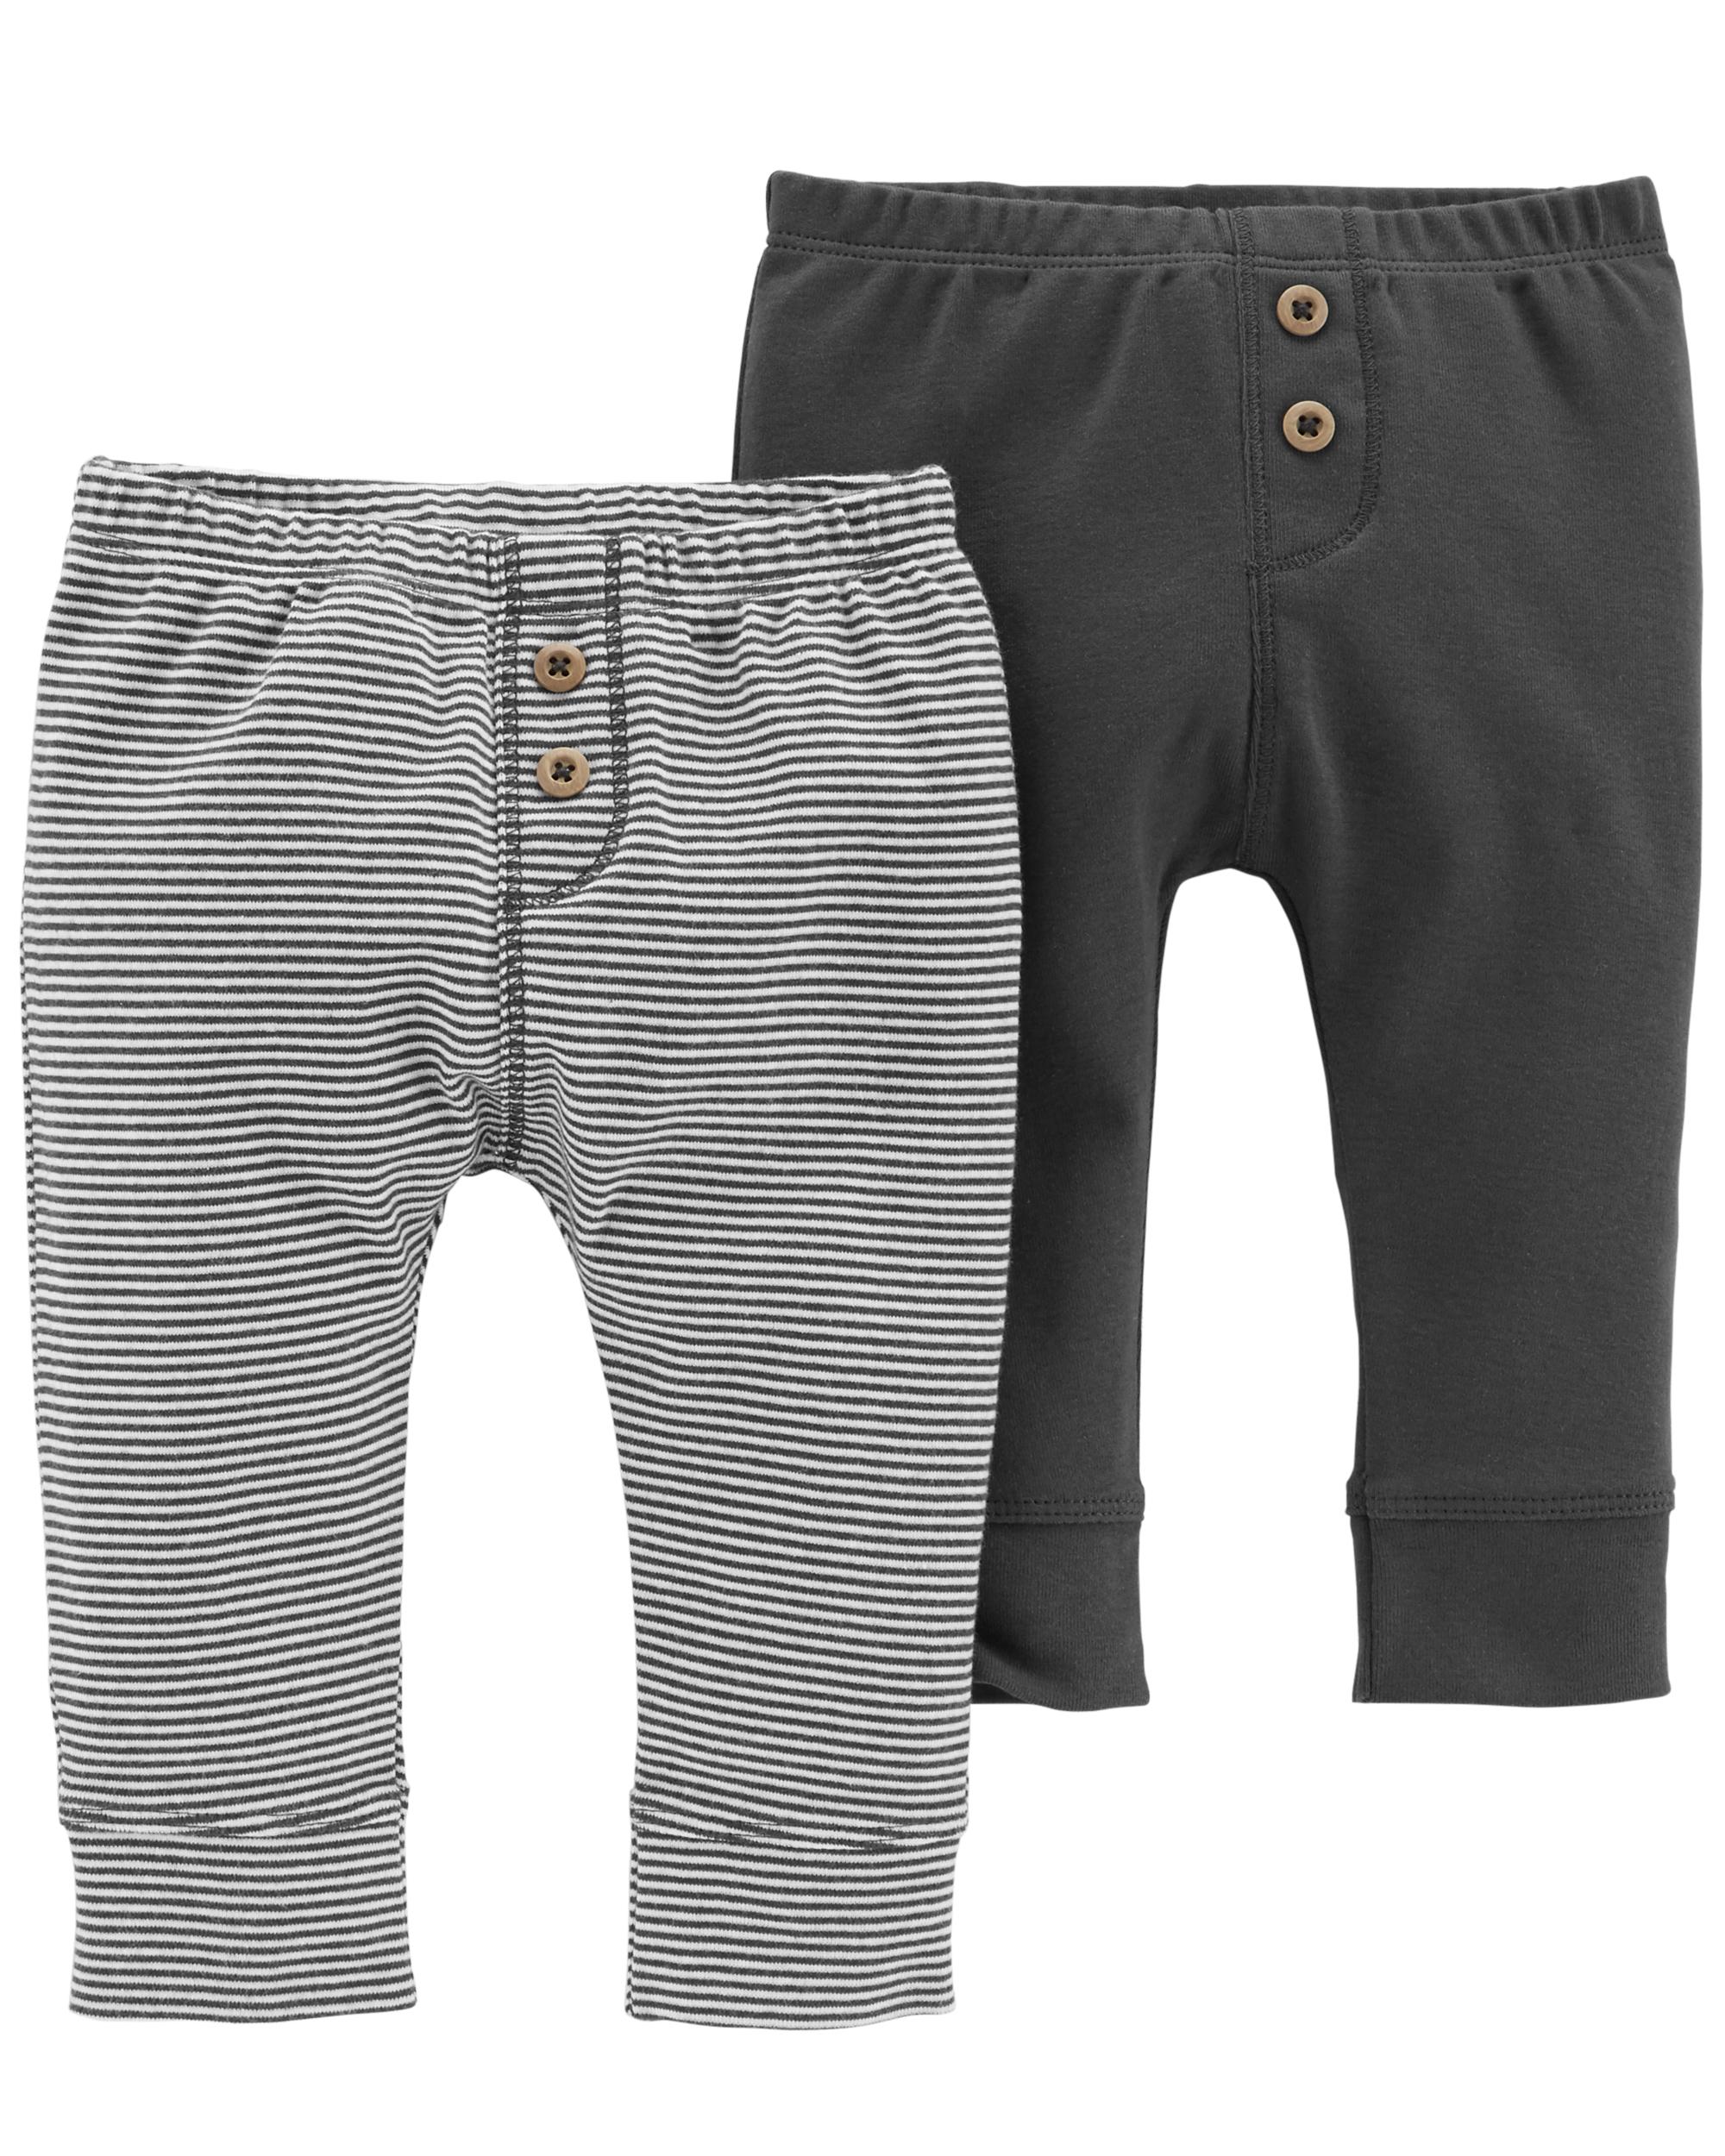 זוג מכנסיים כפתורים אפור/פסים